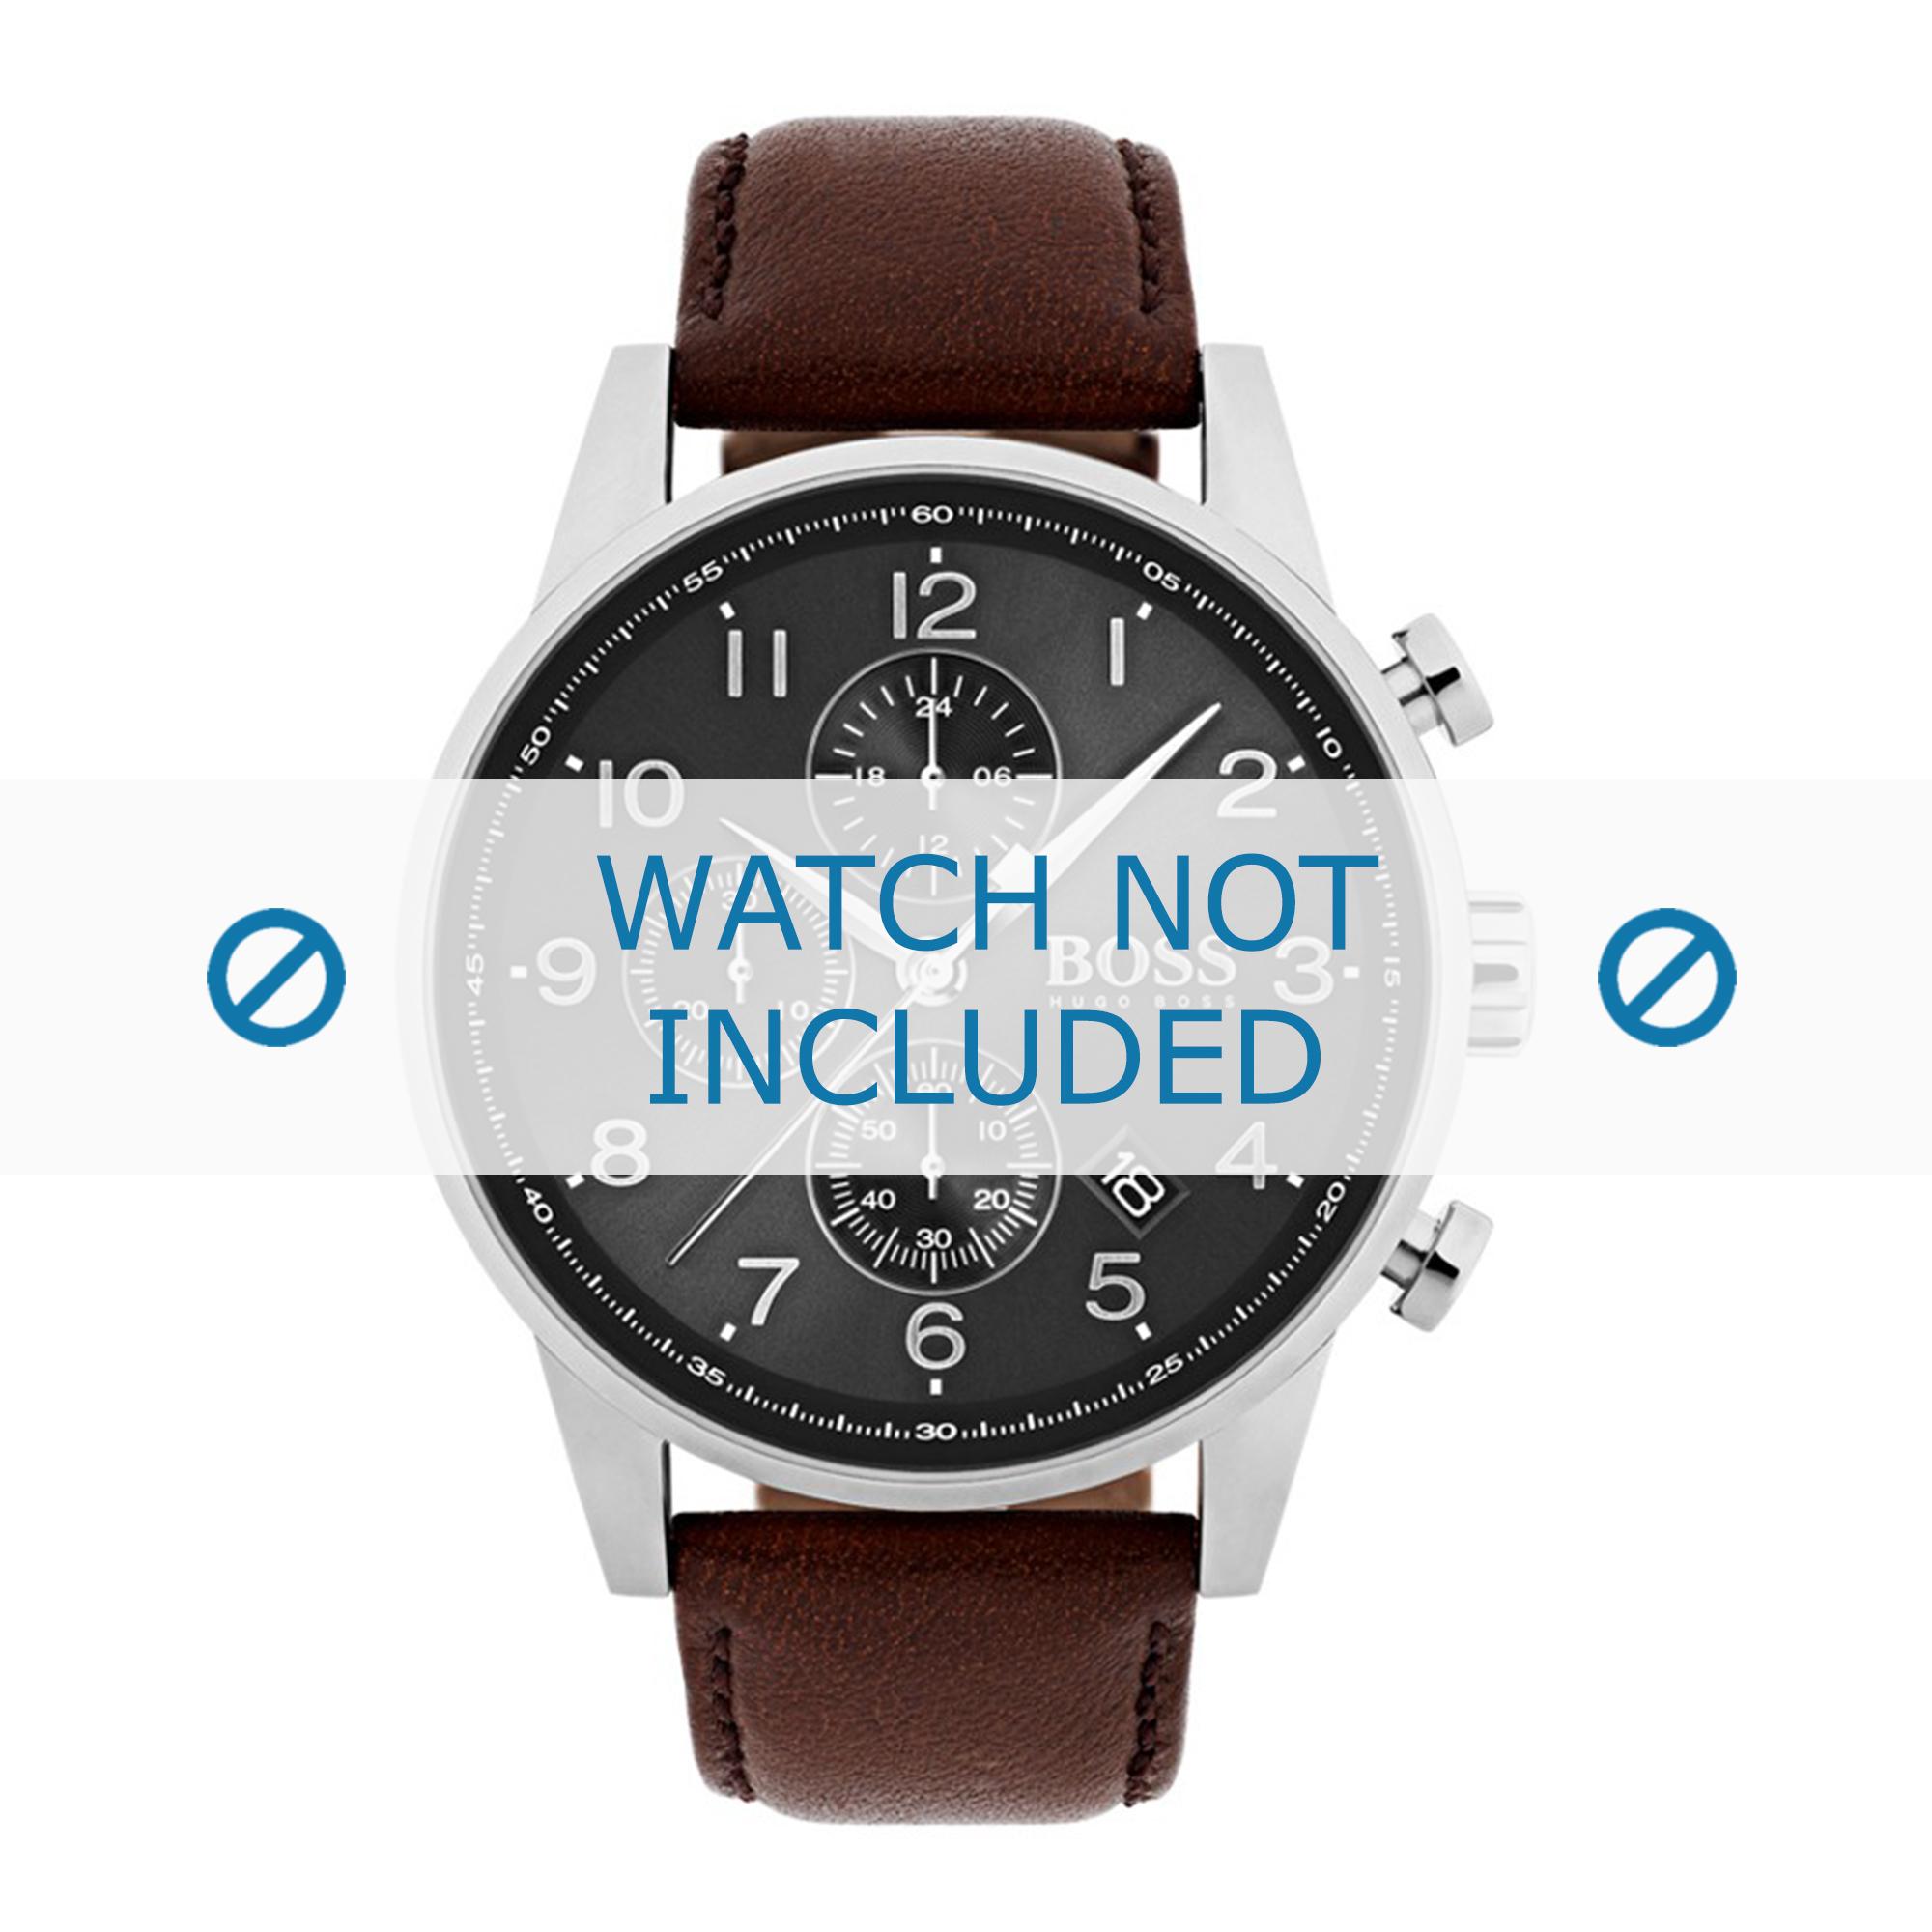 Hugo Boss horlogeband HB1513494 / HB1513495 Leder Bruin + bruin stiksel